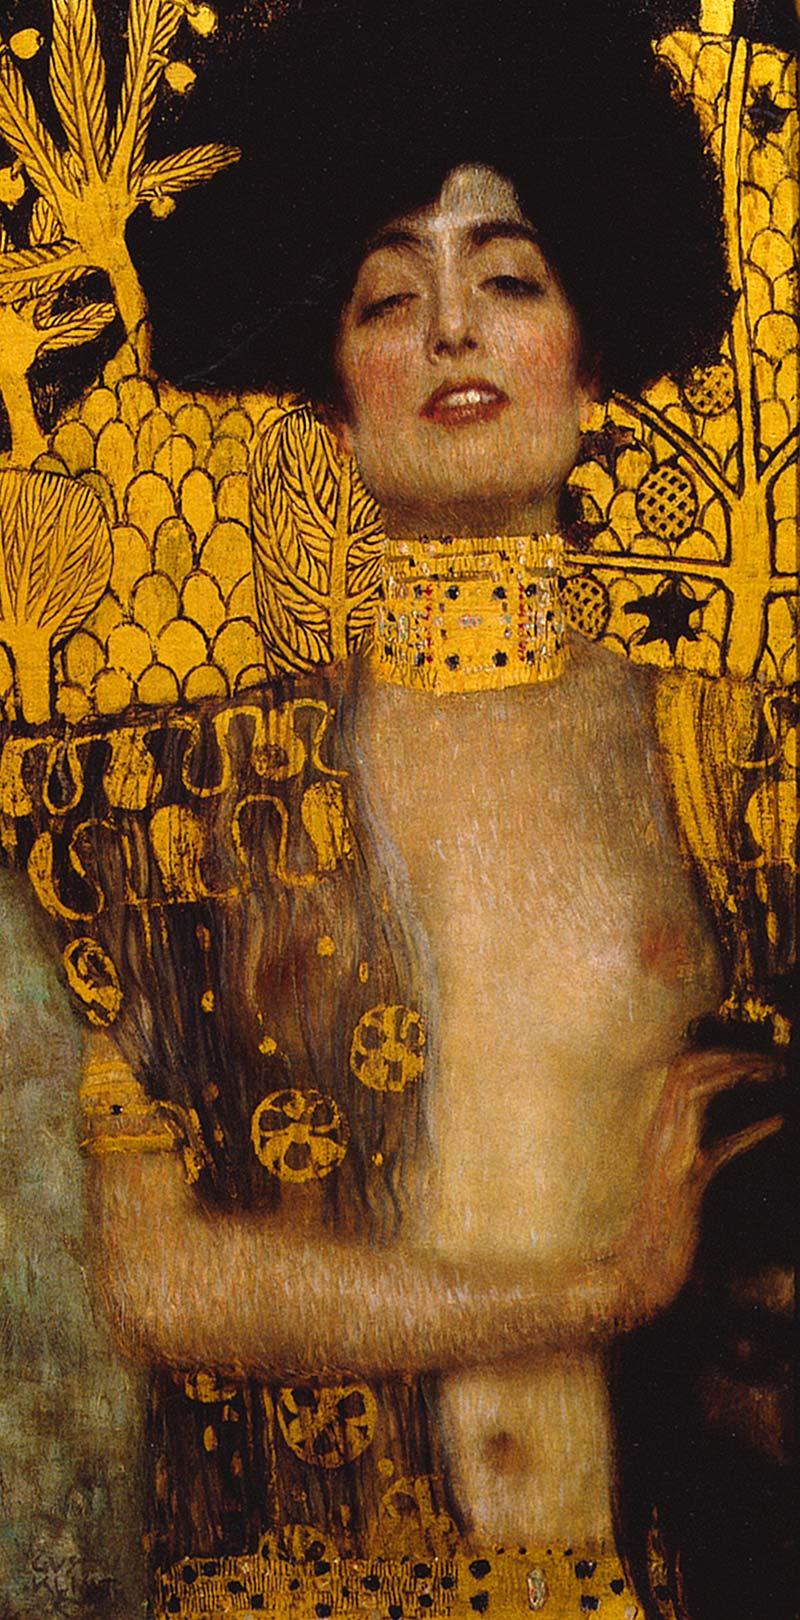 Judith I Detailausschnitt Holofernes Femme Fatale Bütten Gustav ...